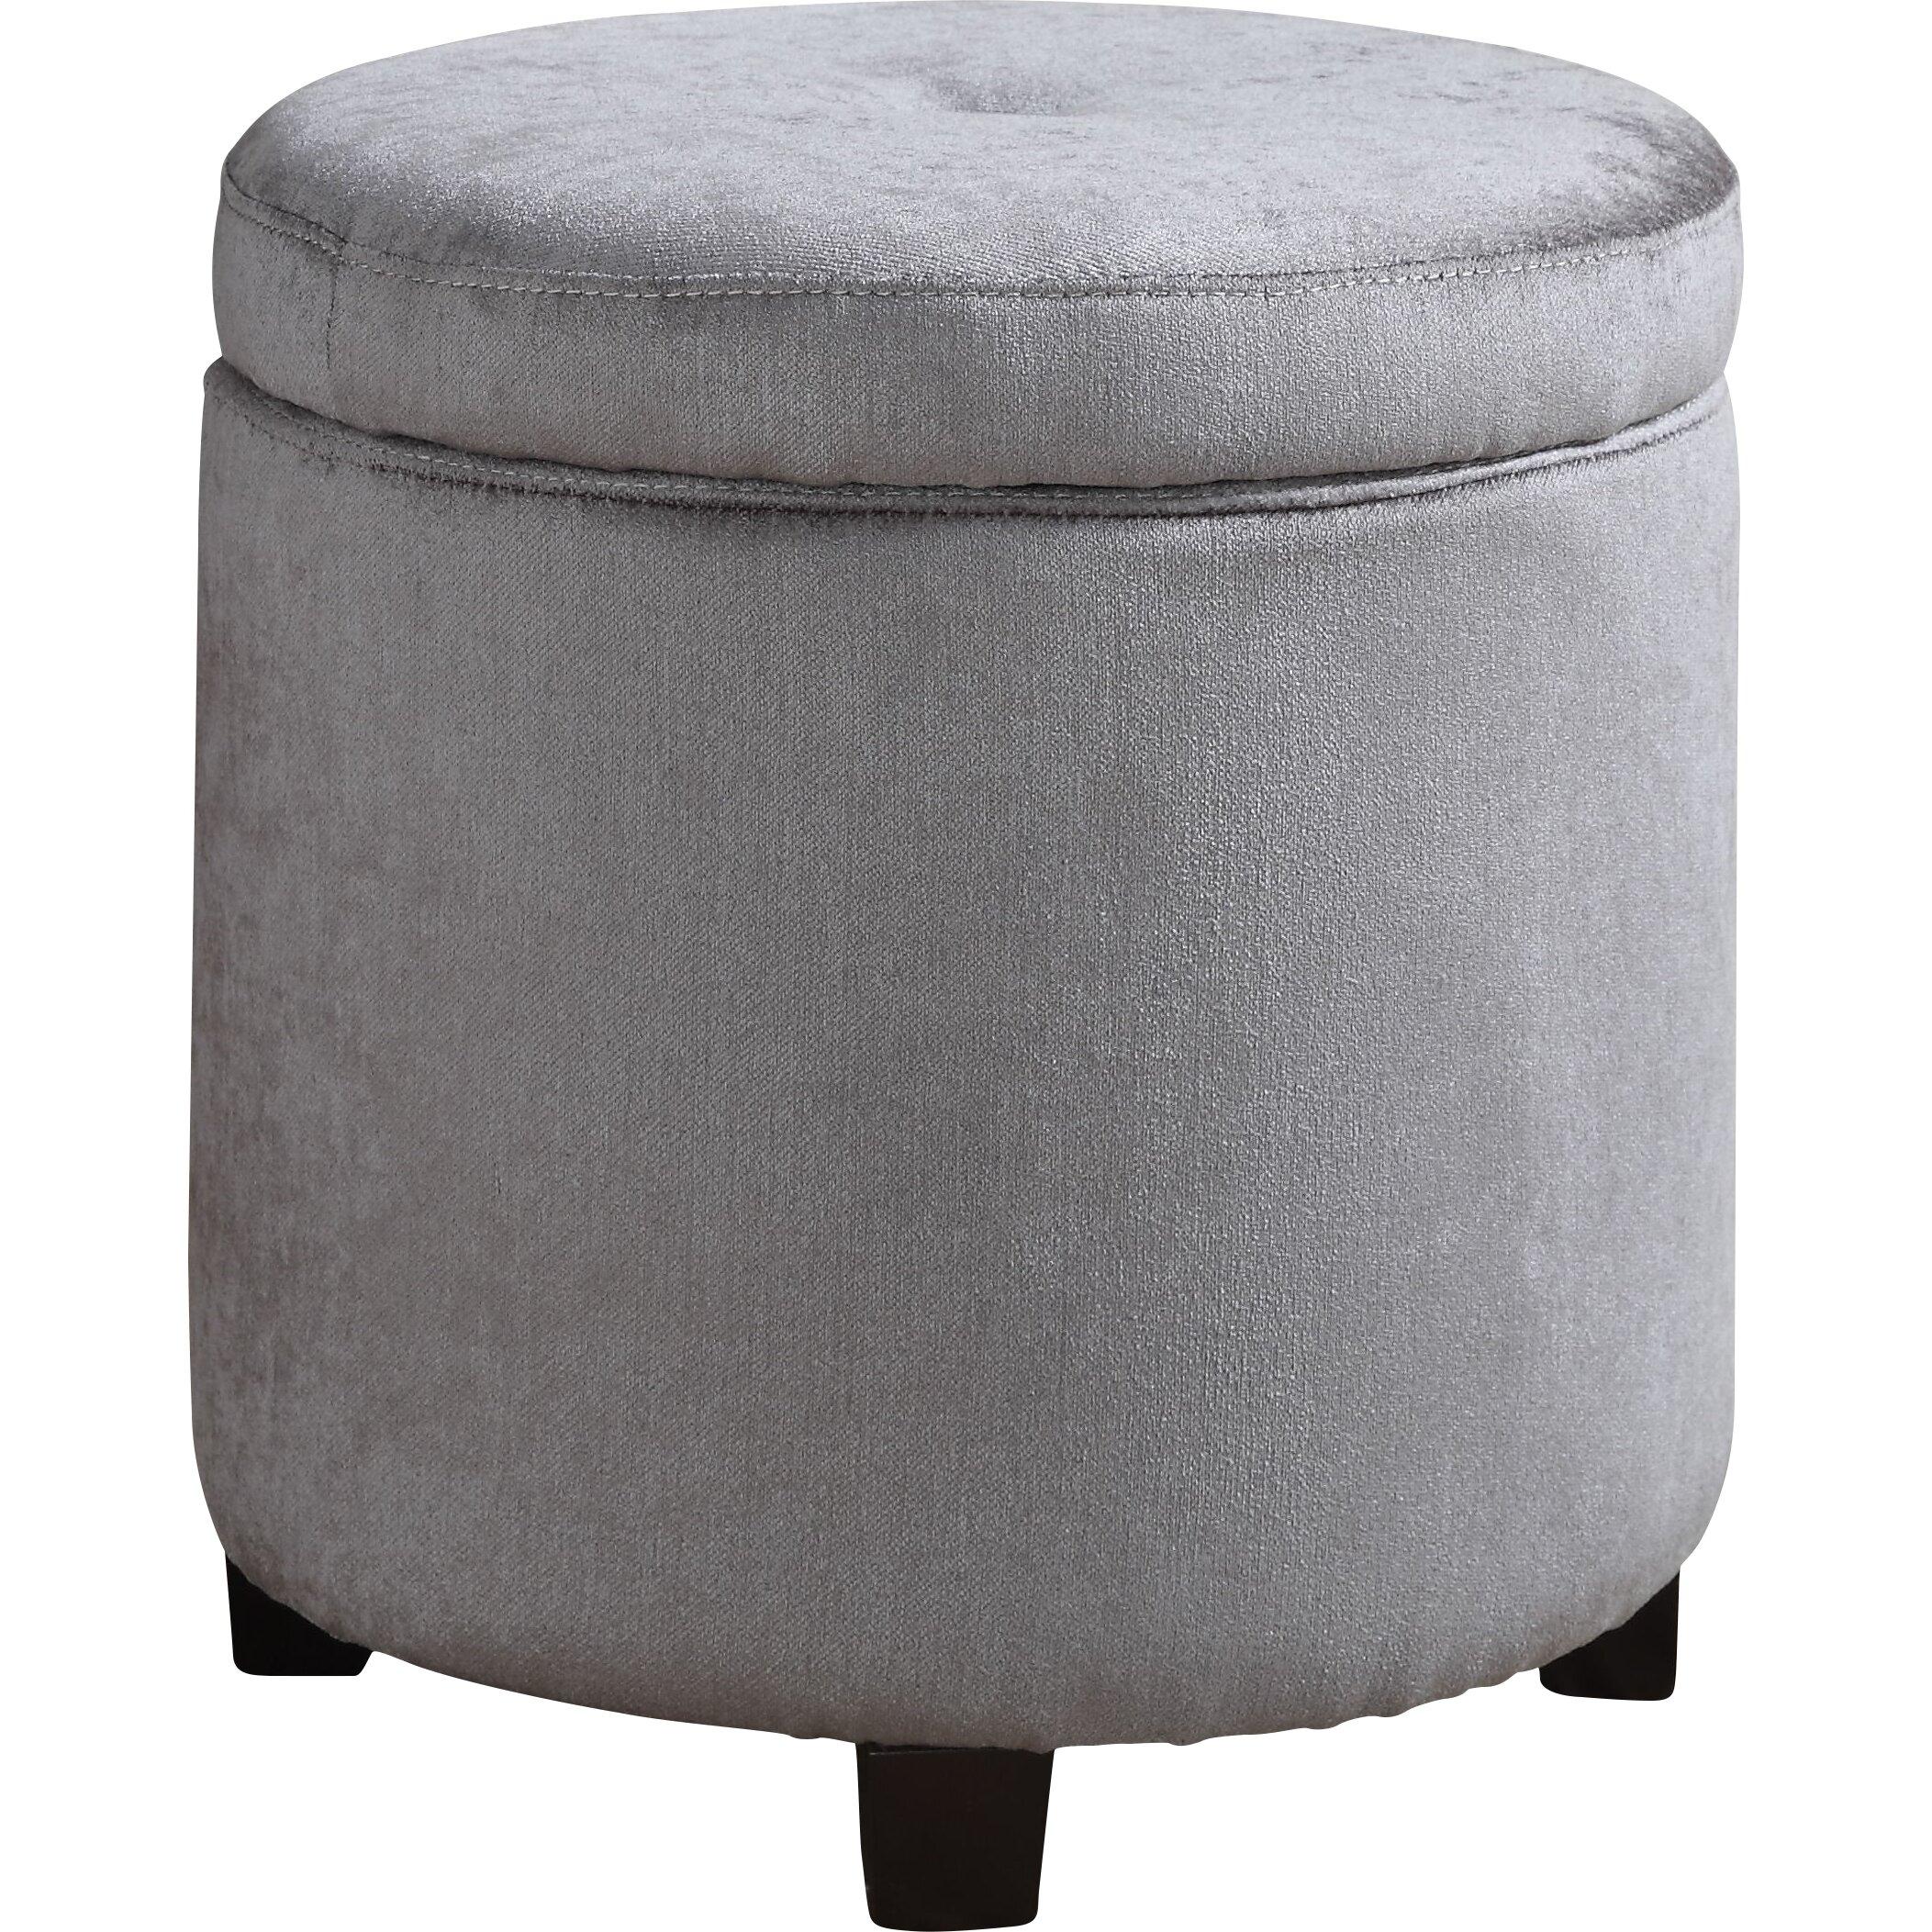 Ac pacific mia small round storage ottoman wayfair Round storage ottoman